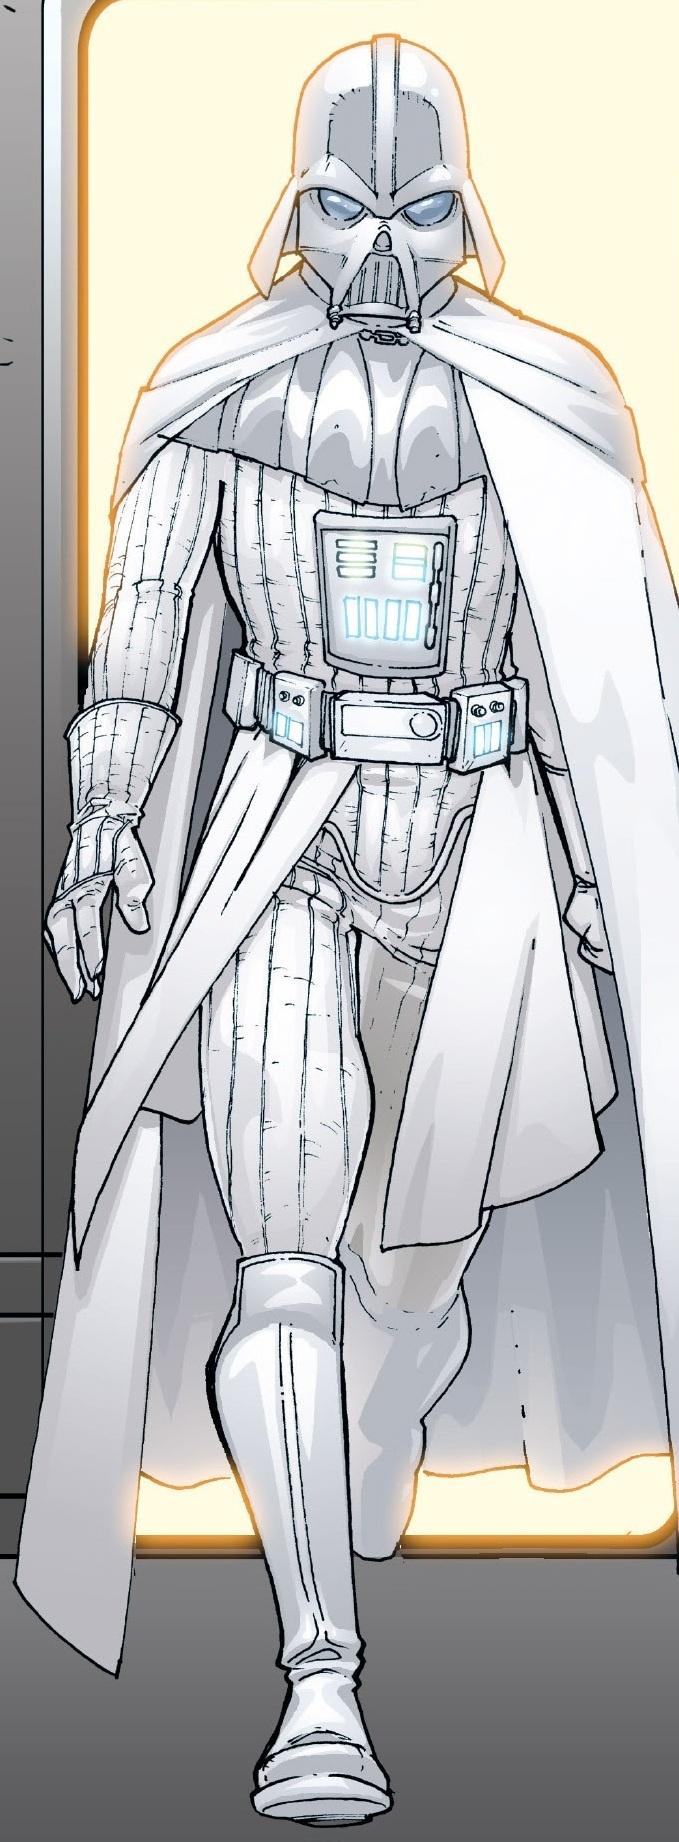 Star Wars Infinità vader bianco